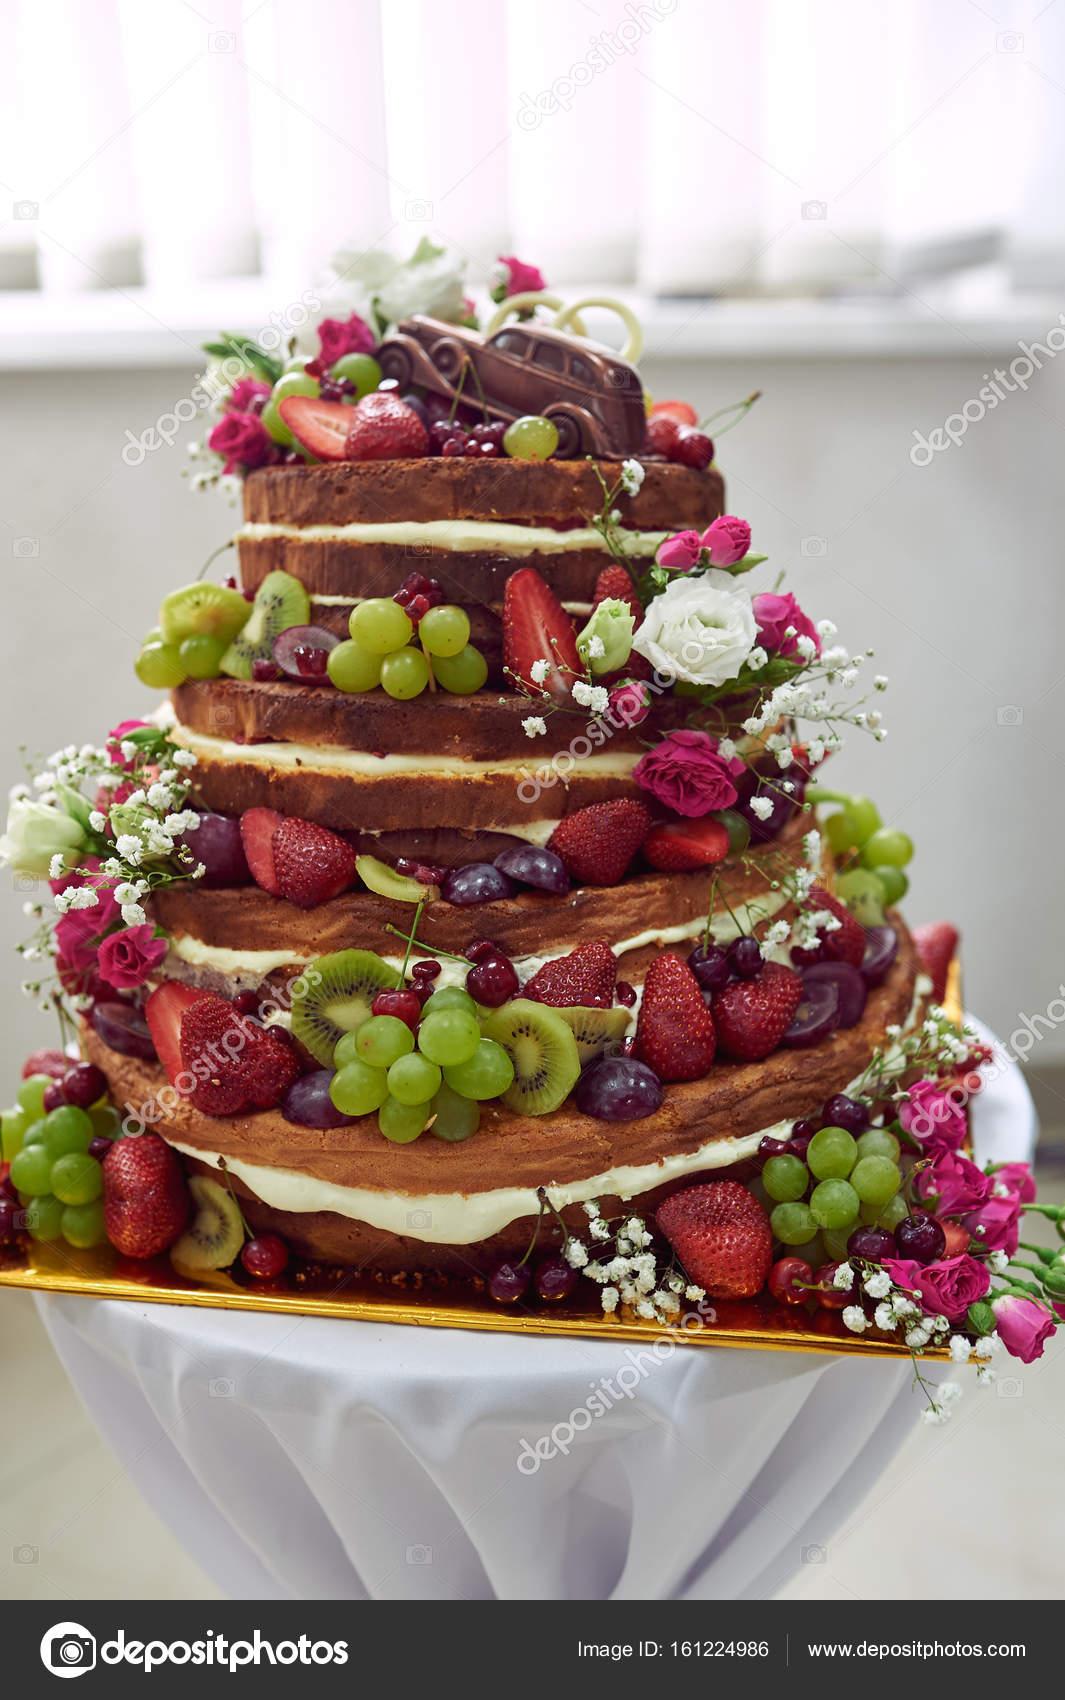 Wunderschone Hochzeitstorte Mit Obst Auf Dem Tisch Stockfoto